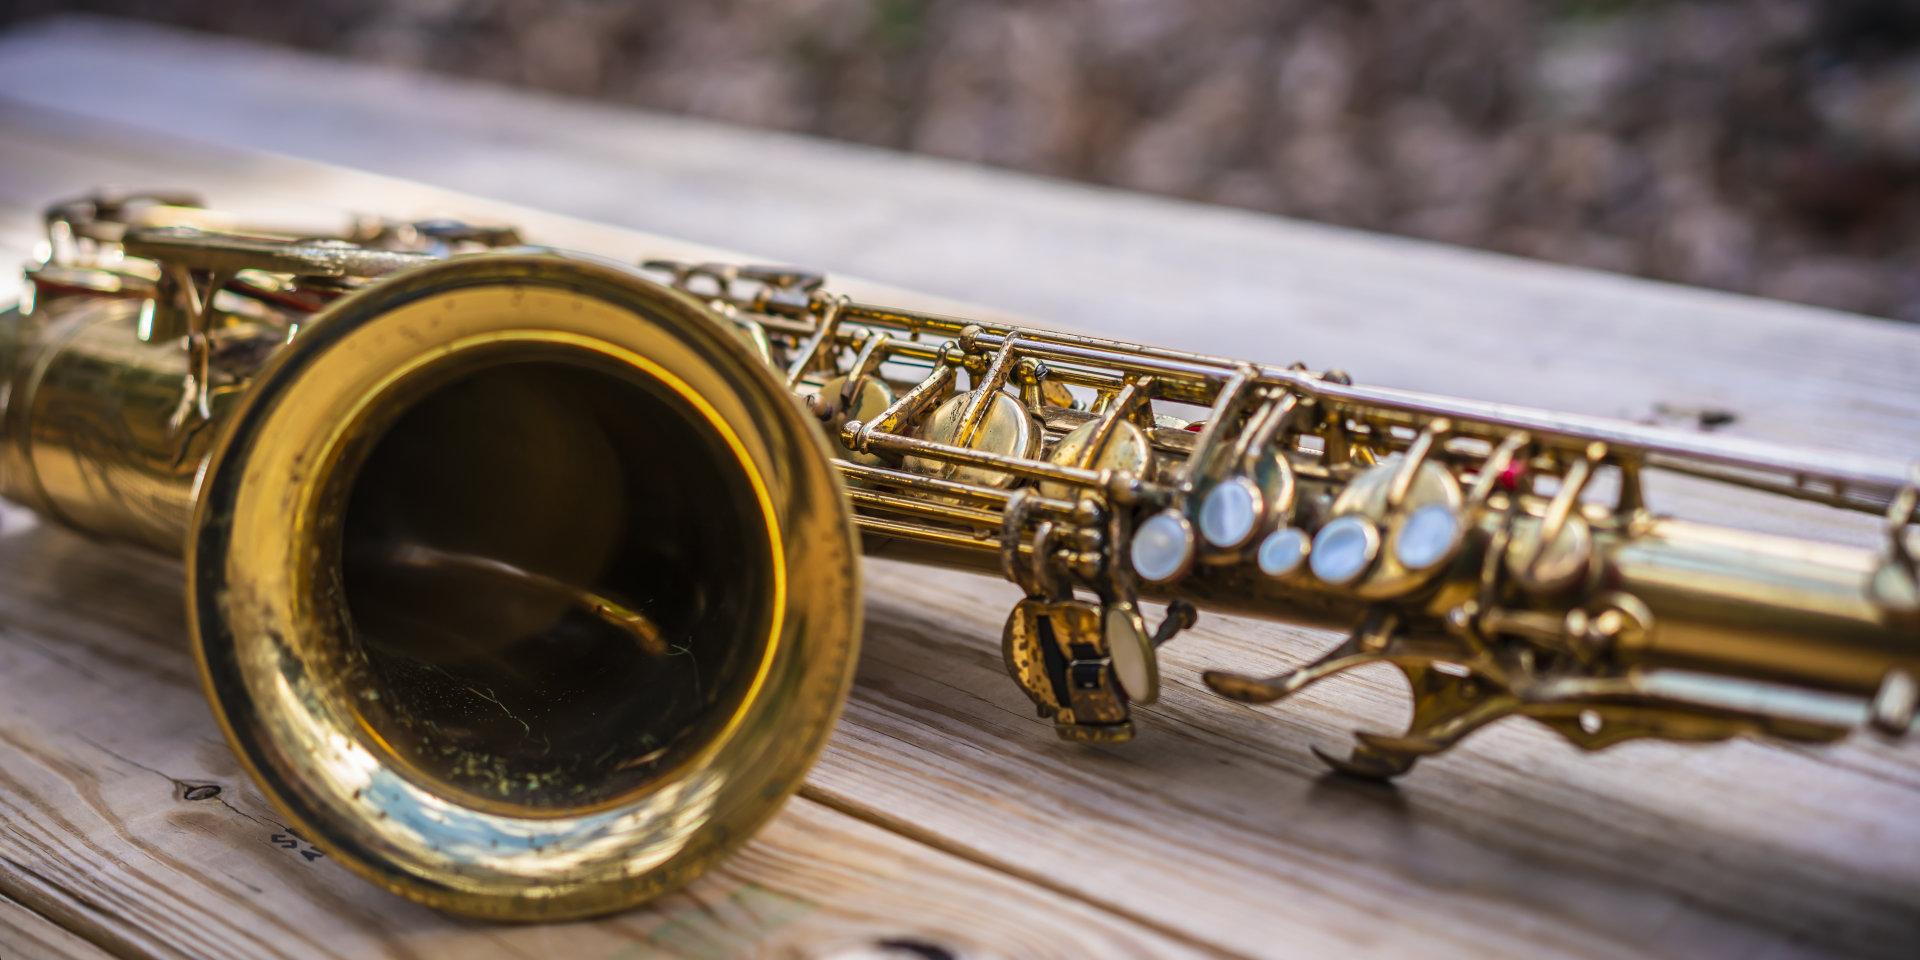 Saxophon auf Holztisch